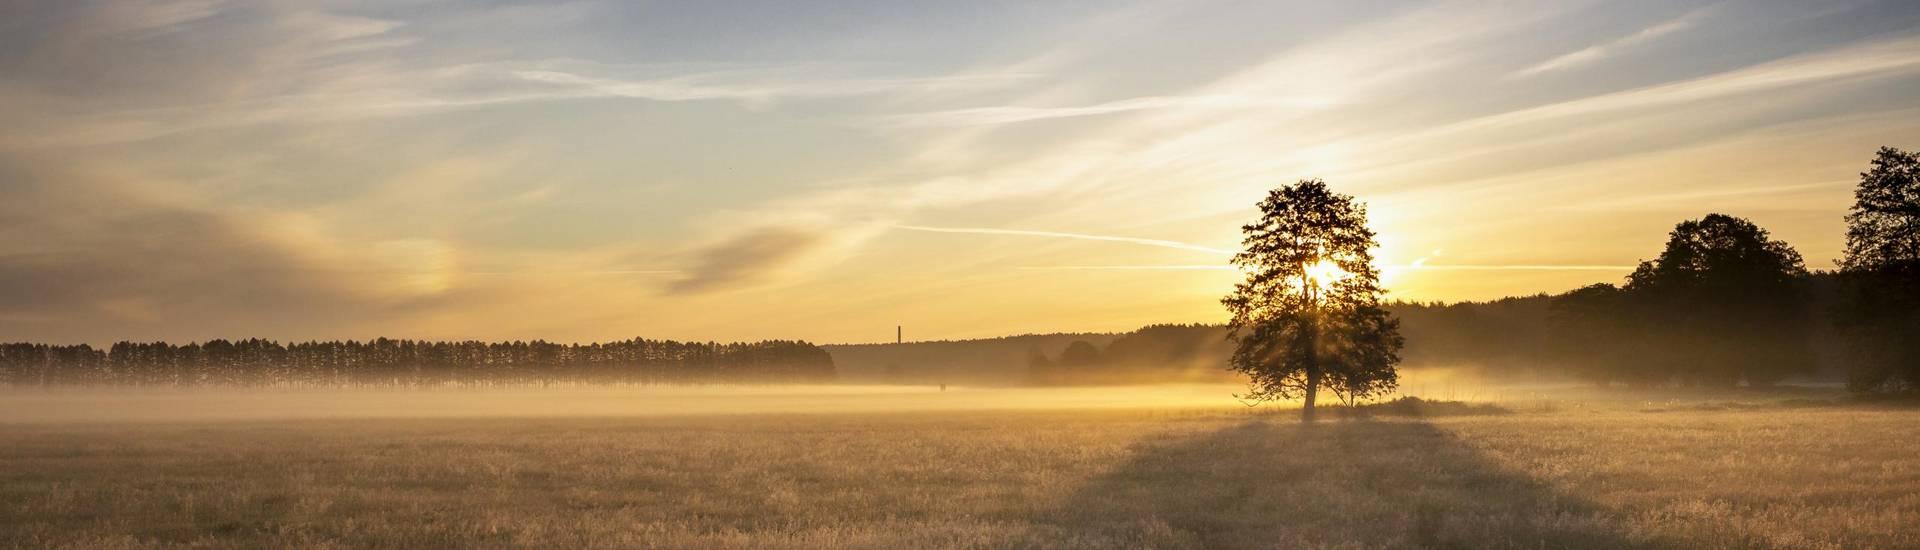 rotes luch 2 daniel joerendt ©Daniel Joerendt